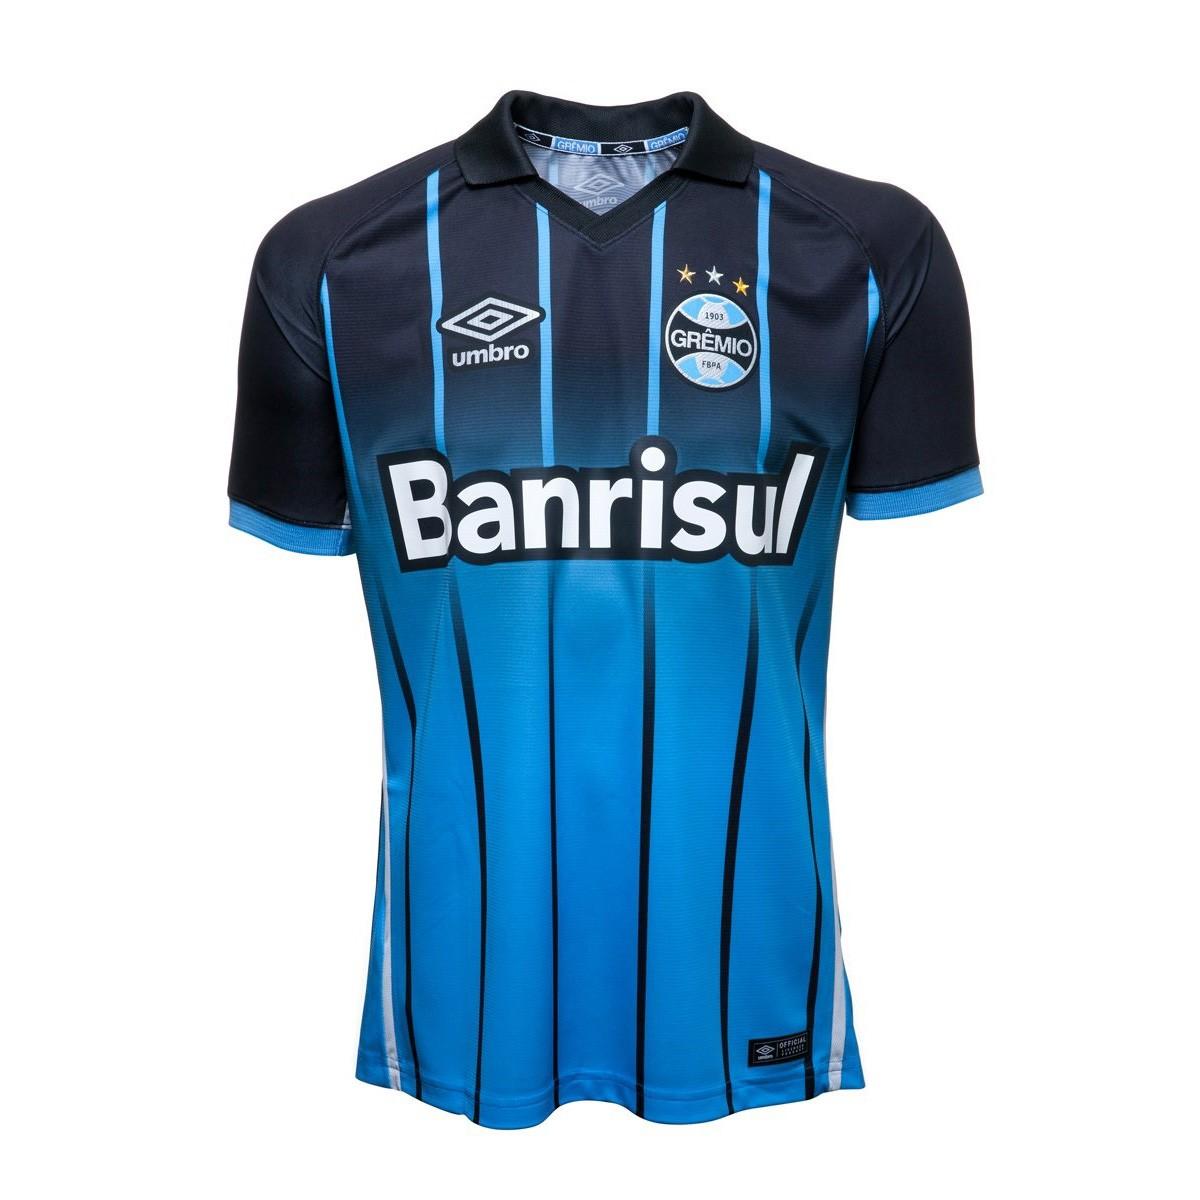 22a7f0523f Amplie a imagem. Camisa Junior Umbro Grêmio Oficial III 2016  Camisa Junior  Umbro Grêmio Oficial ...